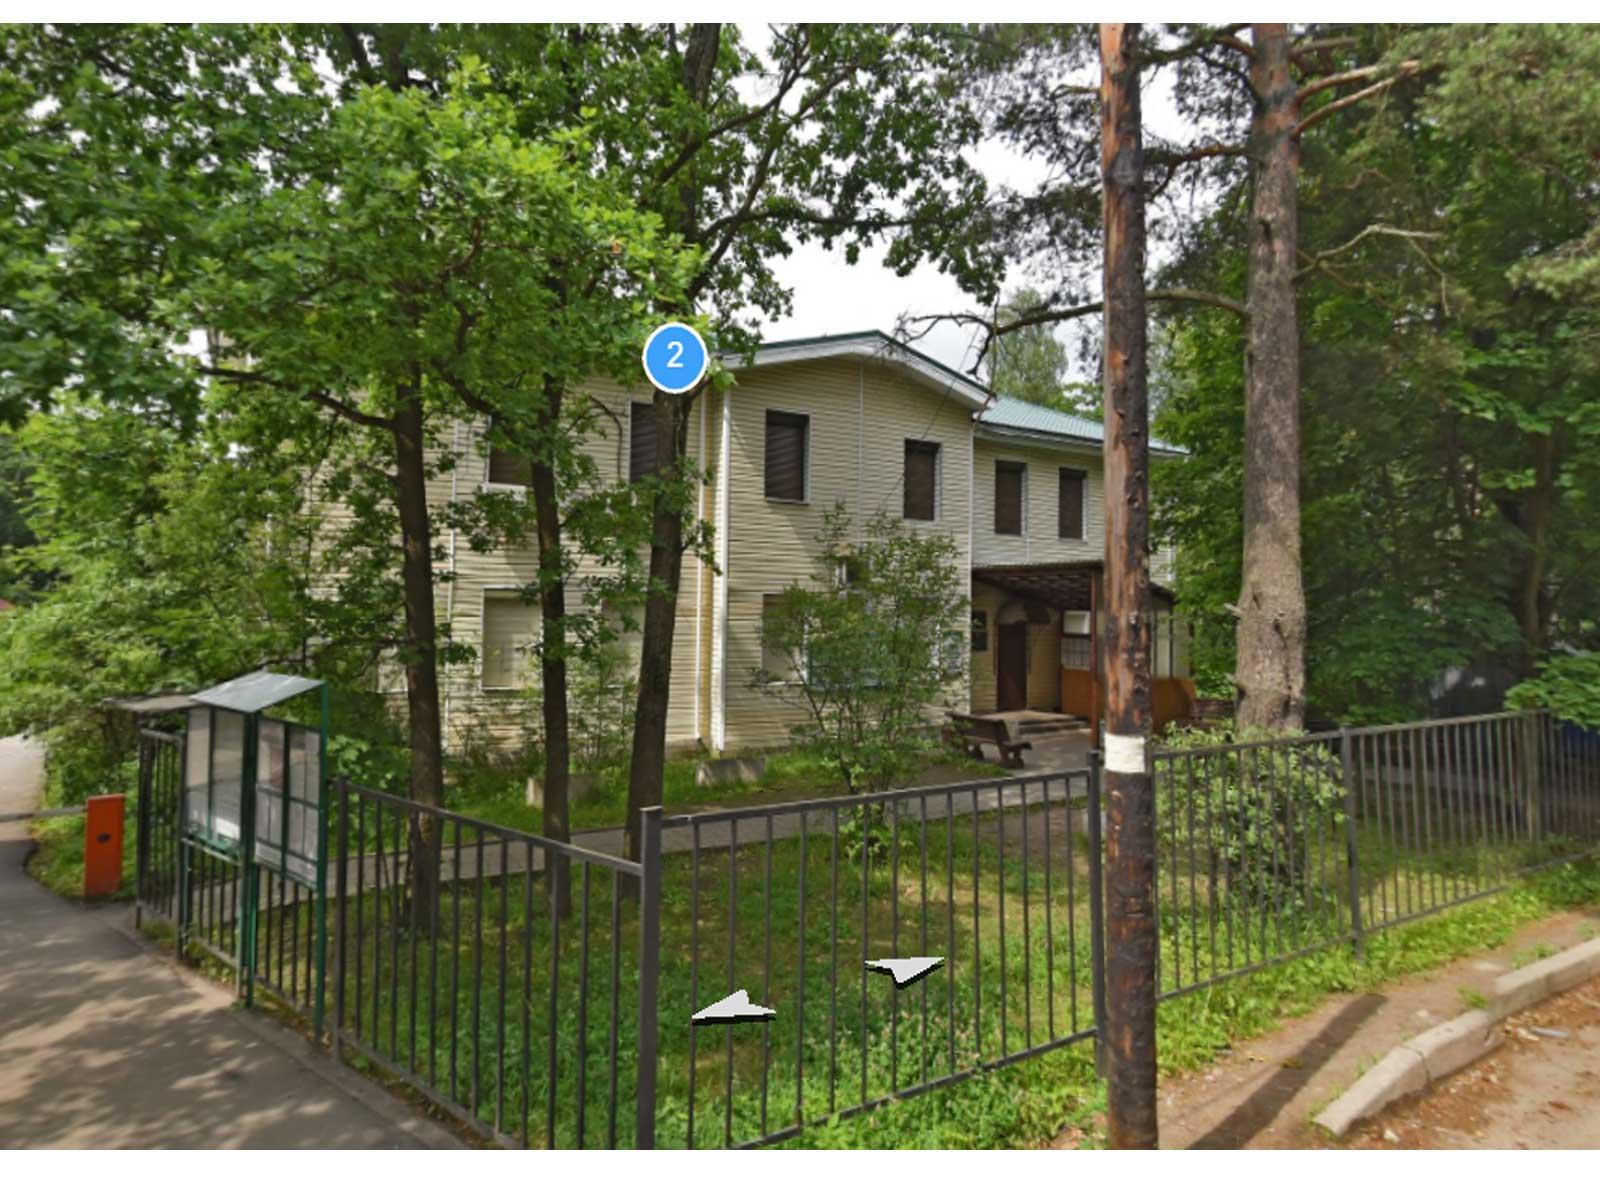 Вид на здание УФМС по Всеволожскому району, Санкт-Петербург